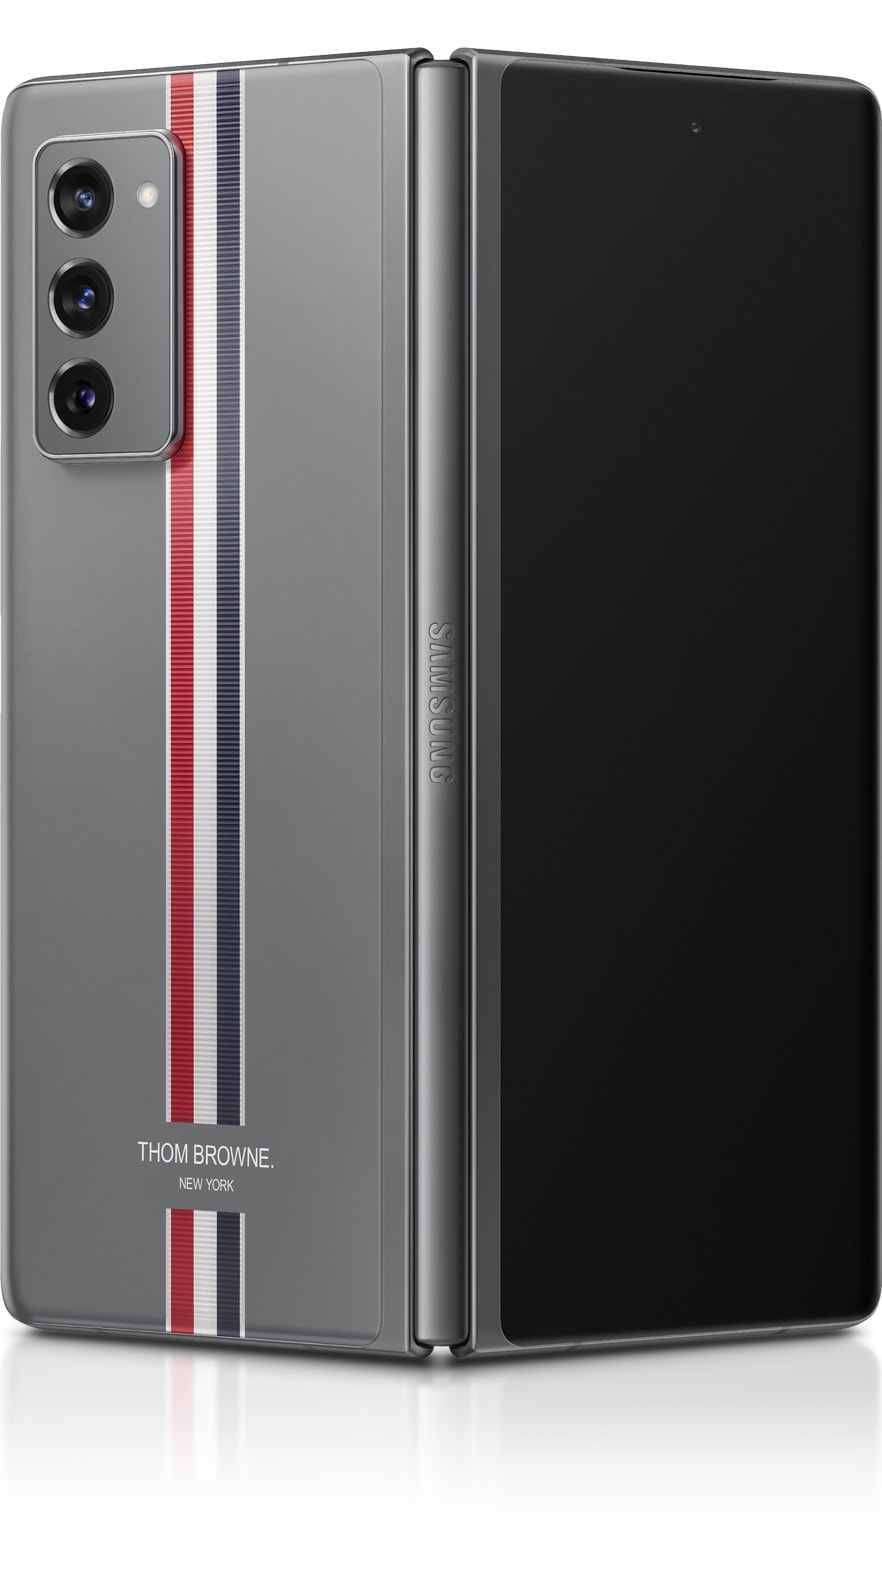 Galaxy Z Fold2 5g Thom Browne Edition Samsung Us